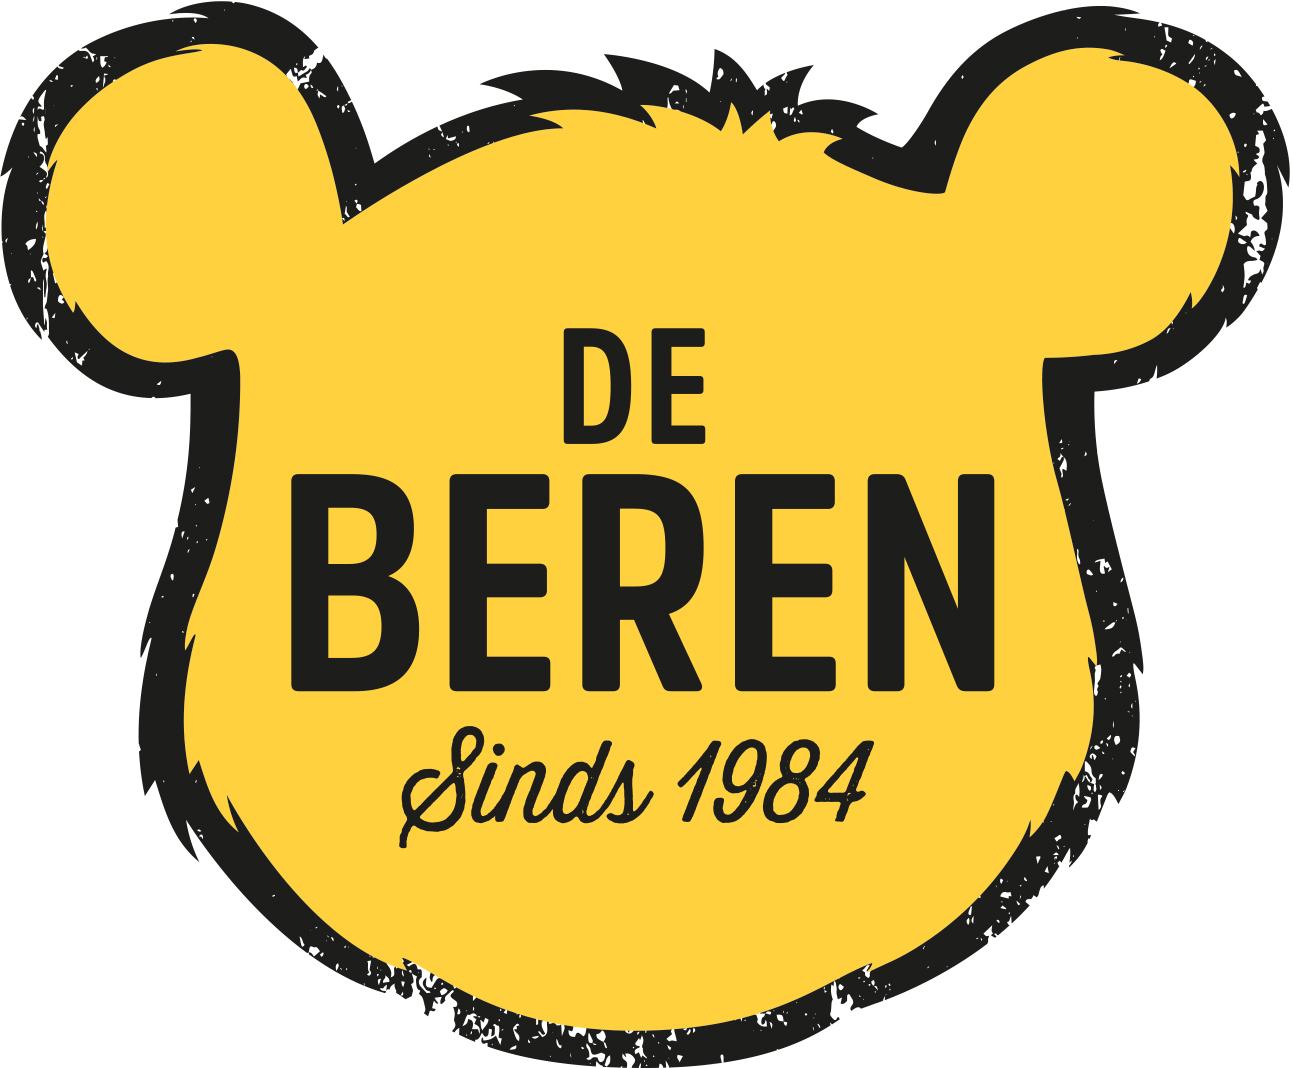 De Beren is partner van schoonmaakbedrijf Gemini